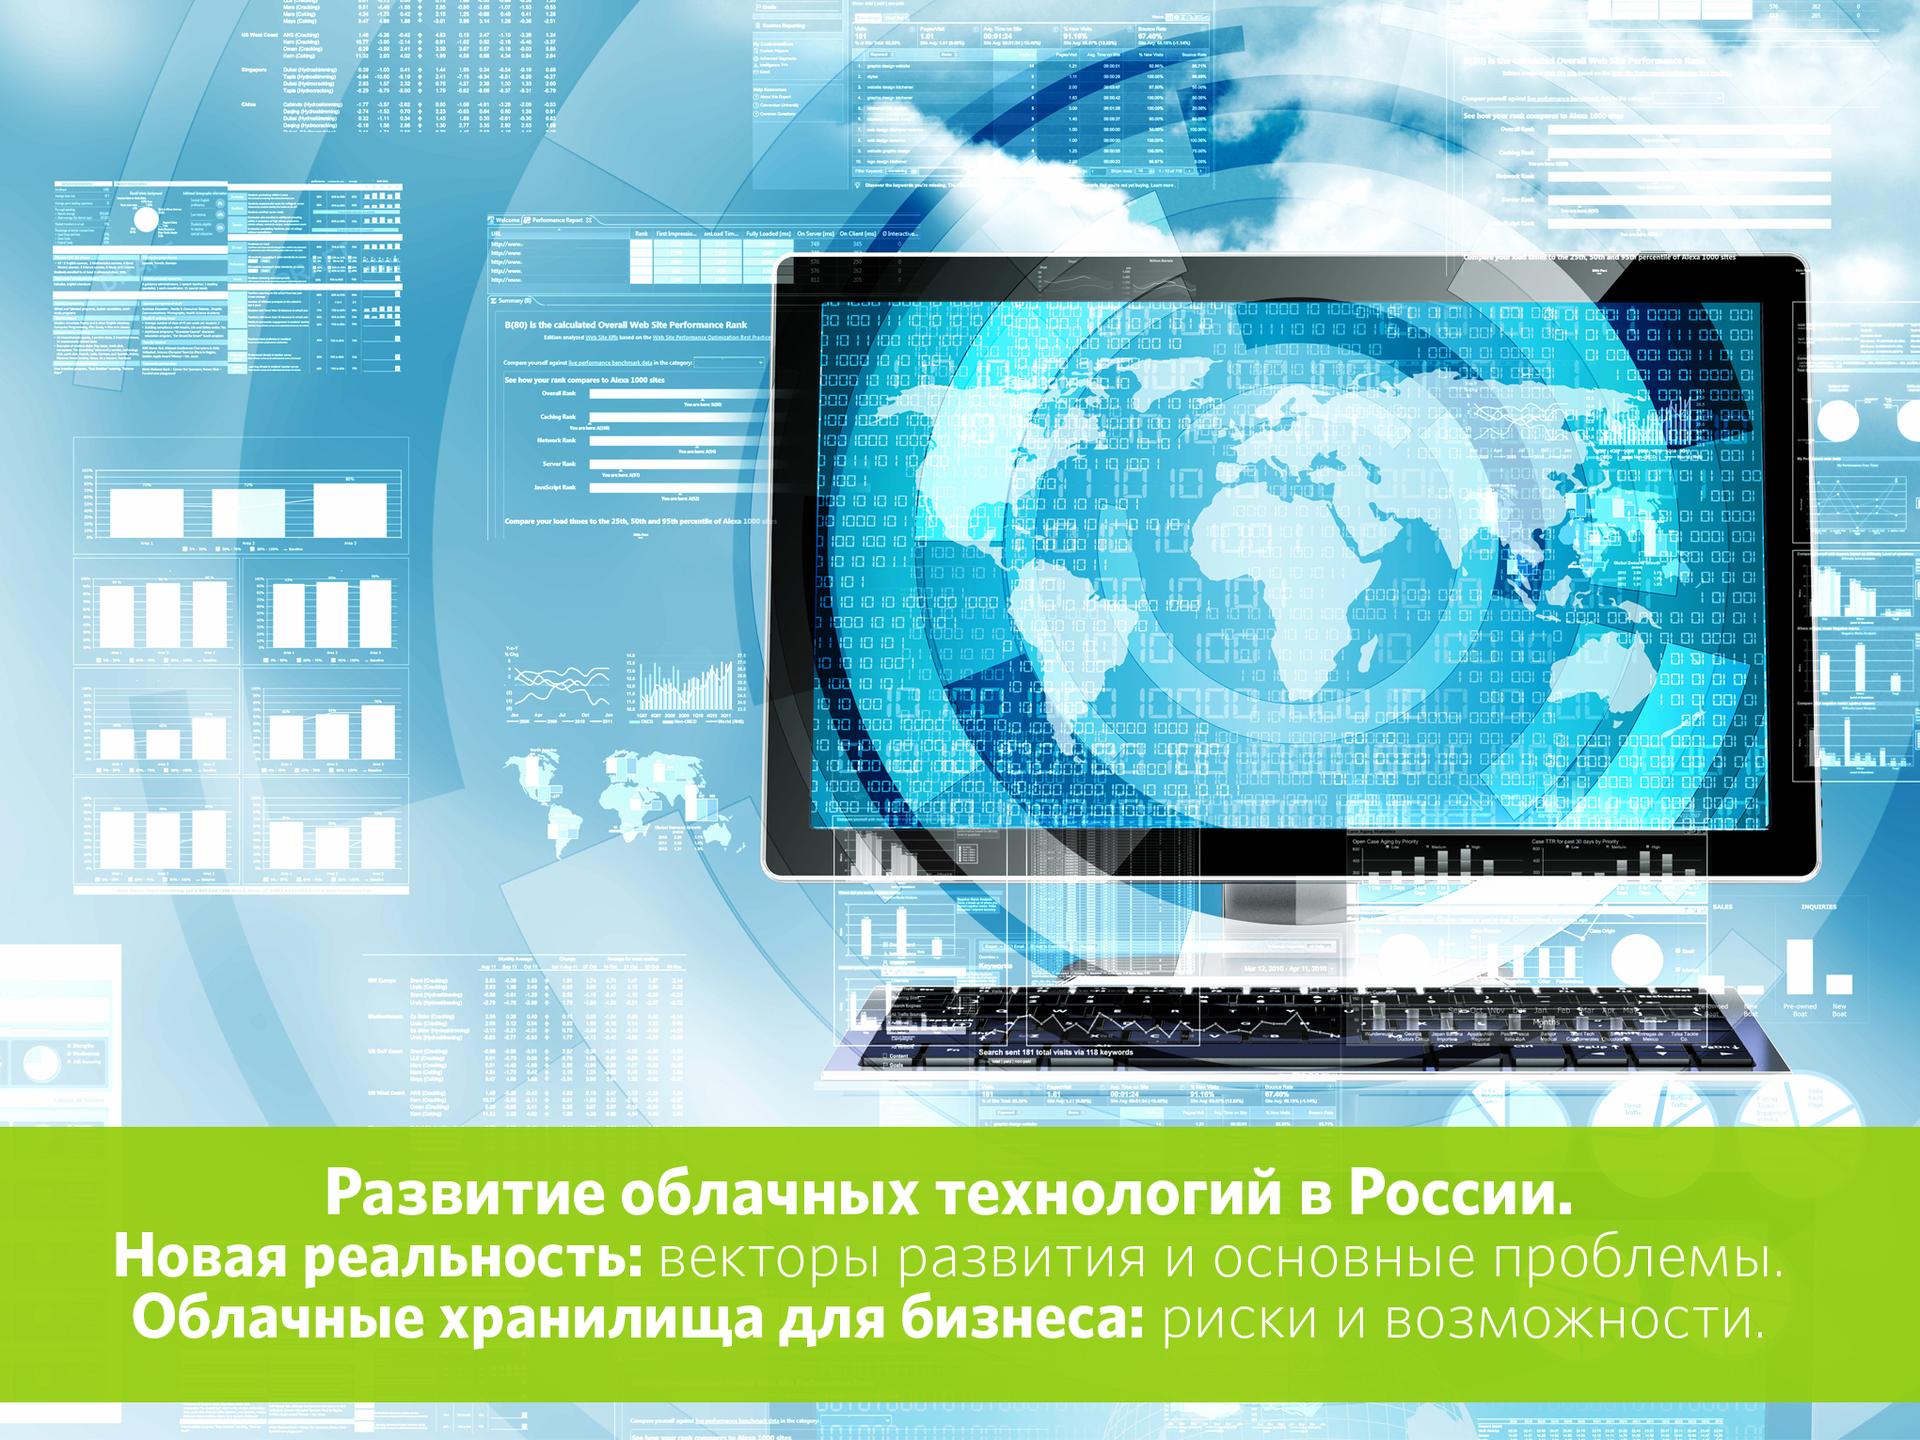 Развитие облачных технологий в России. Новая реальность: векторы развития и основные проблемы - 1